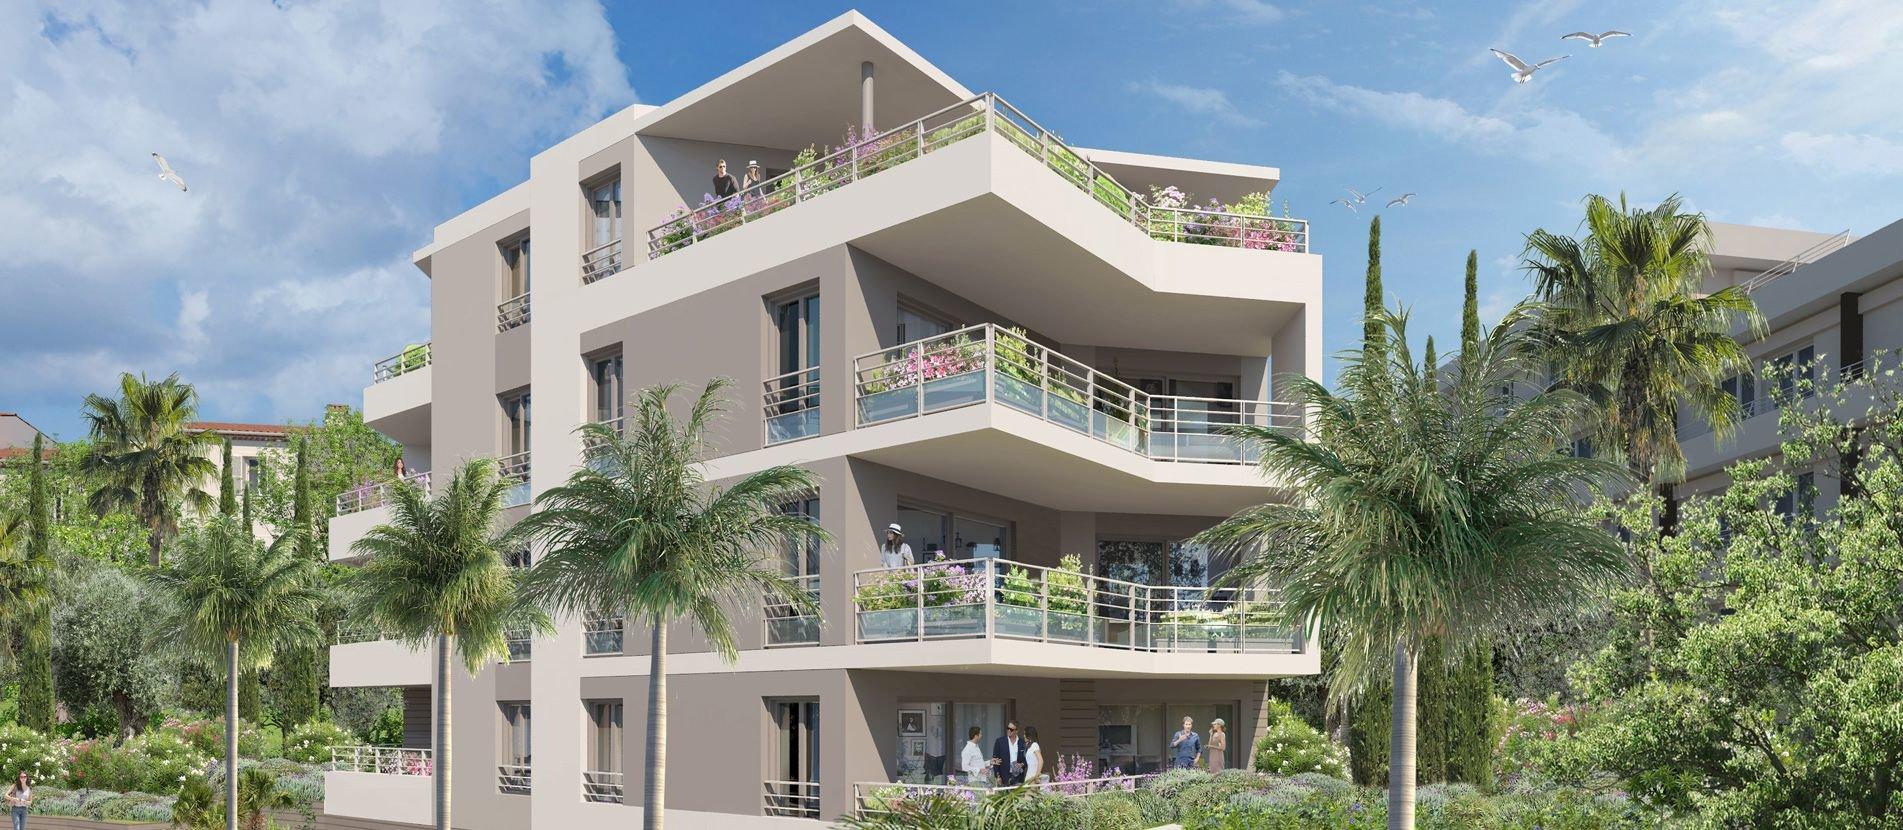 LE CANNET 4х -комнатная квартира, 89, 74 м2, терраса 34, 88 м2.